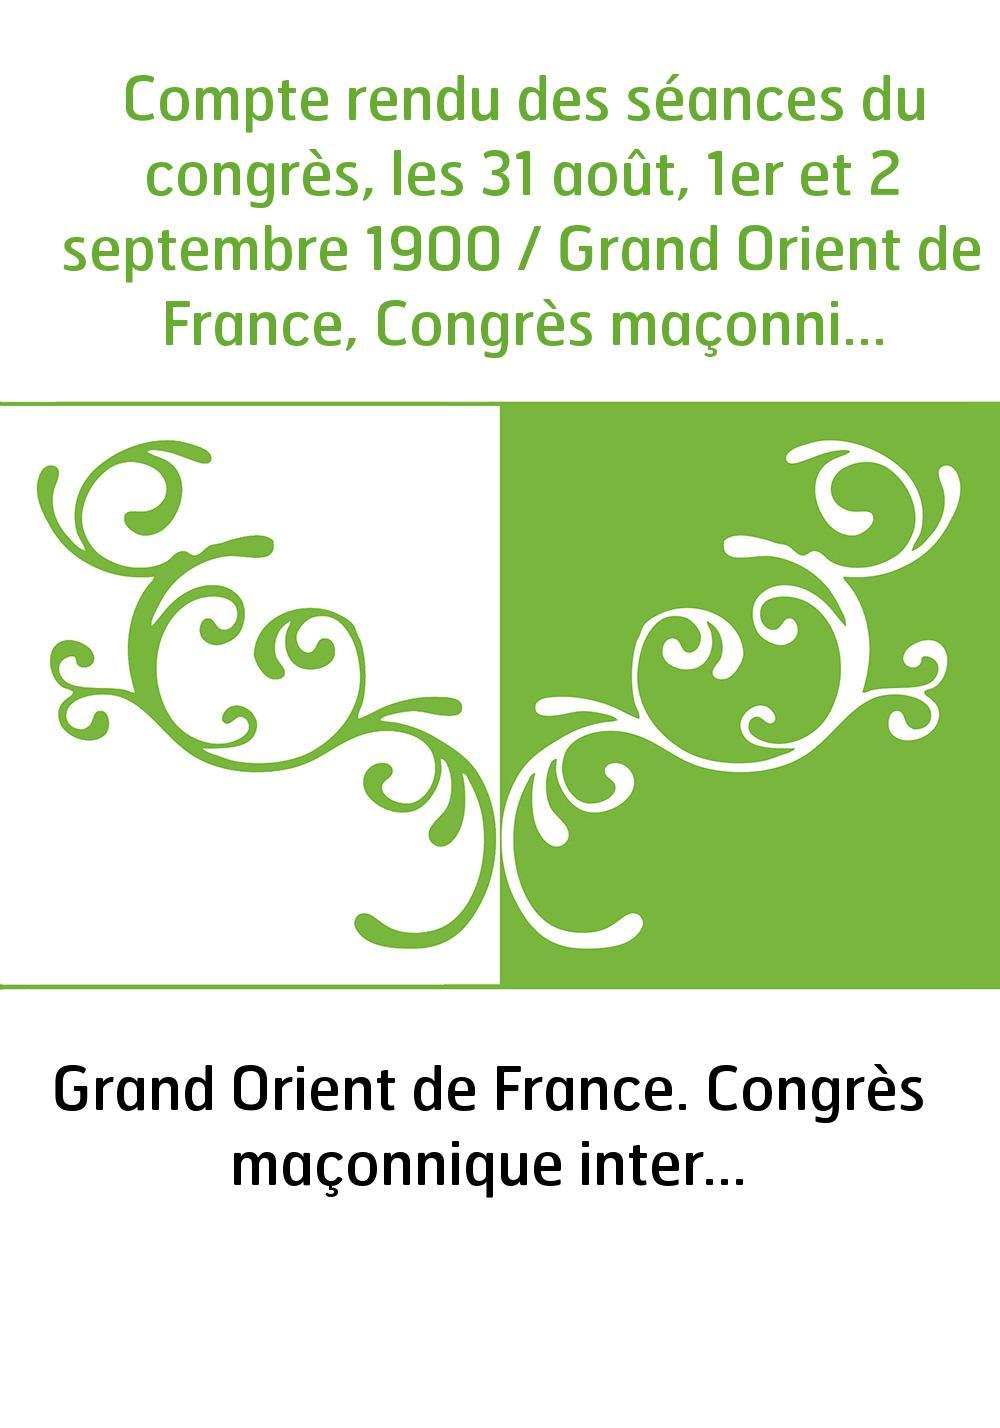 Compte rendu des séances du congrès, les 31 août, 1er et 2 septembre 1900 / Grand Orient de France, Congrès maçonnique internati